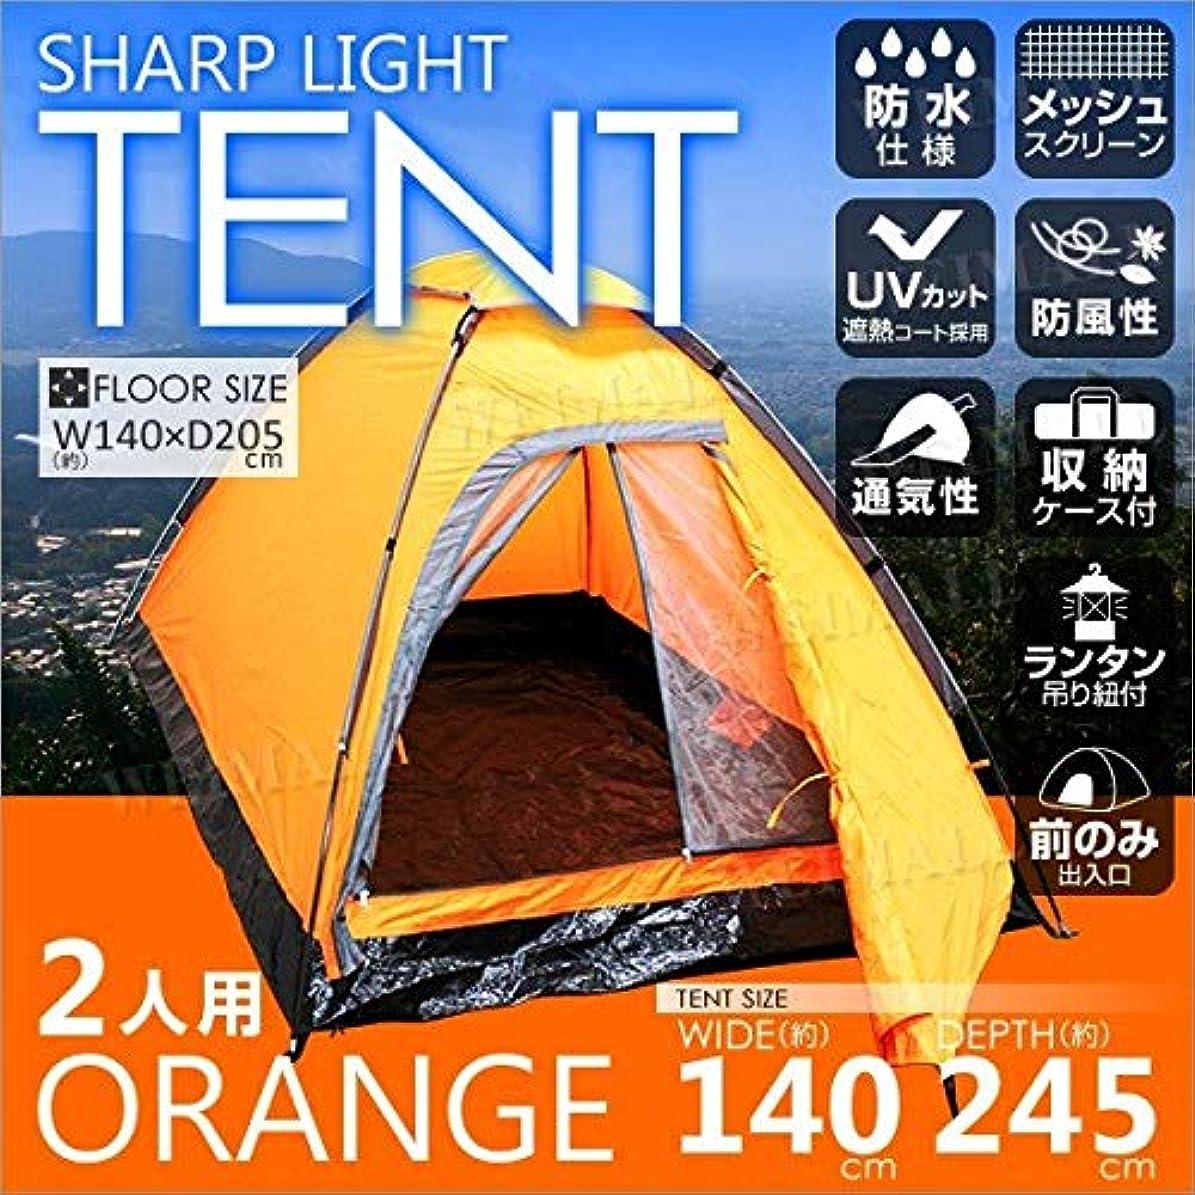 削除するおとなしい半導体テント キャンプ キャンピングテント 2人用 防水 キャンプ用品 遮熱 UVカット サンシェード